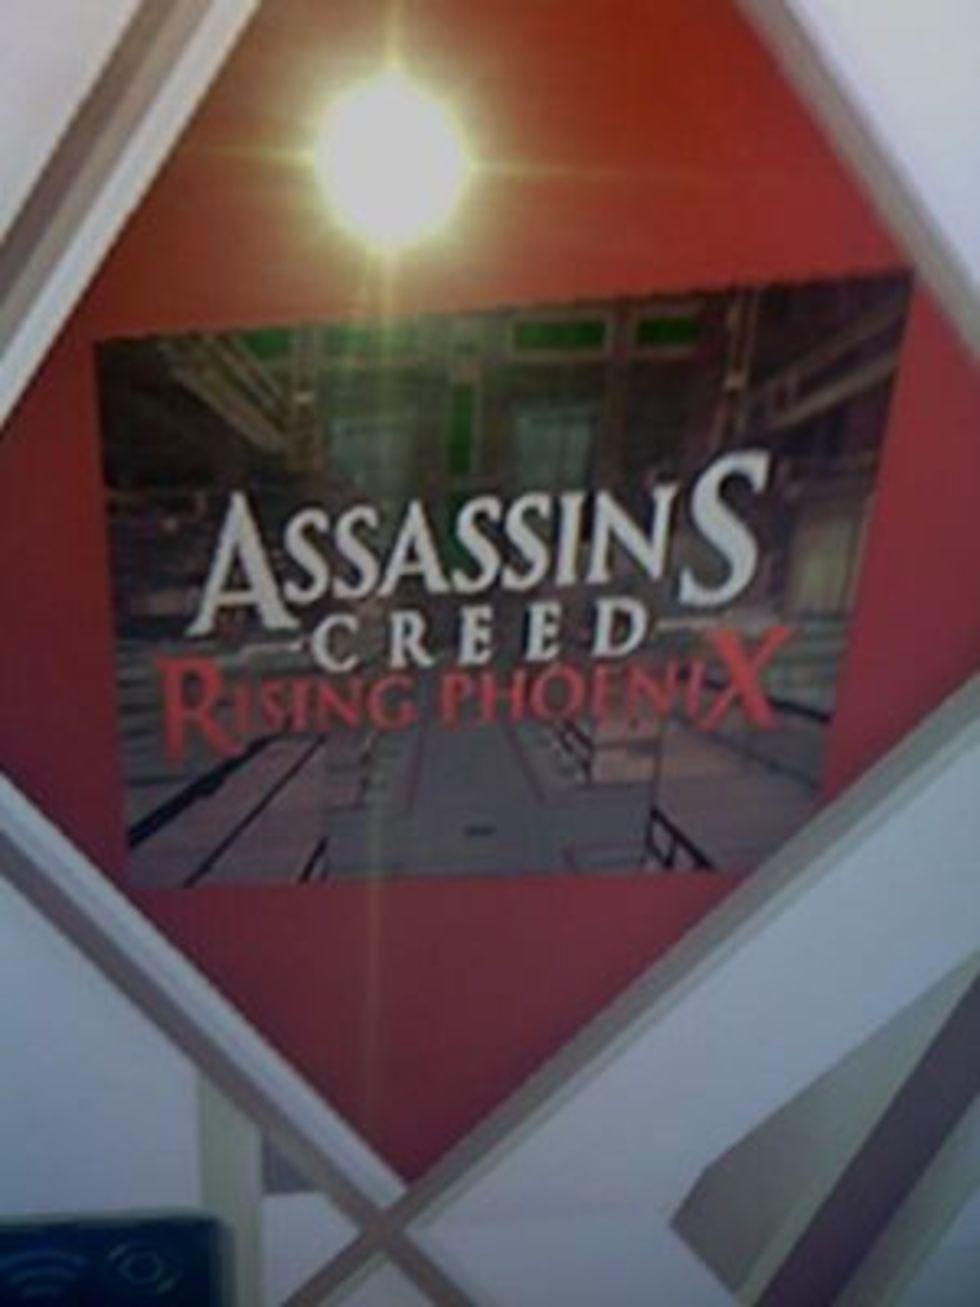 Nytt tecken på Assassin's Creed: Rising Phoenix